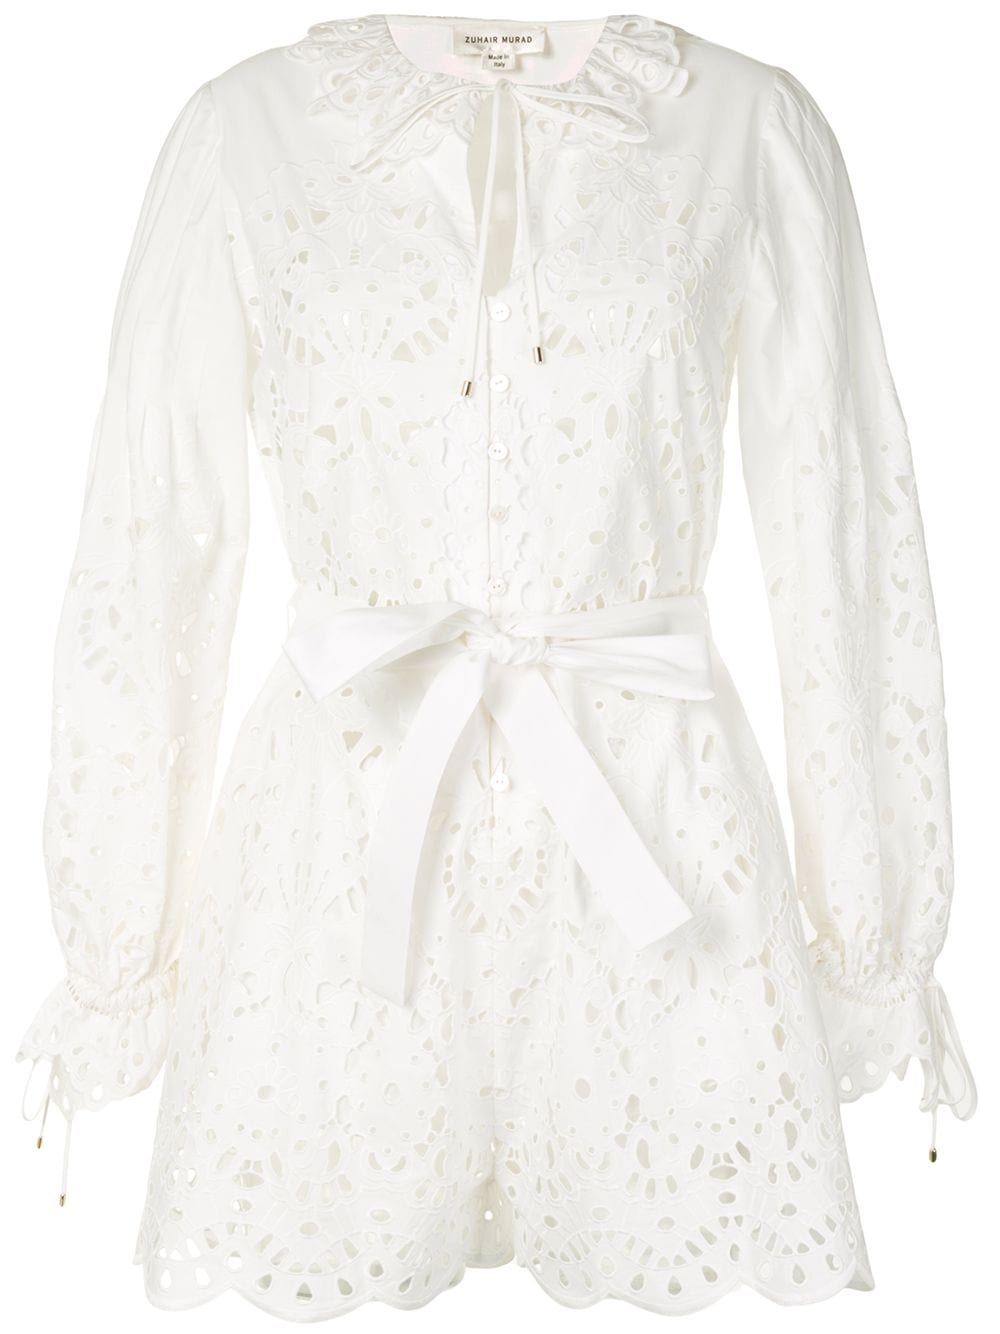 Bílé košilové šaty, ZUHAIR MURAD